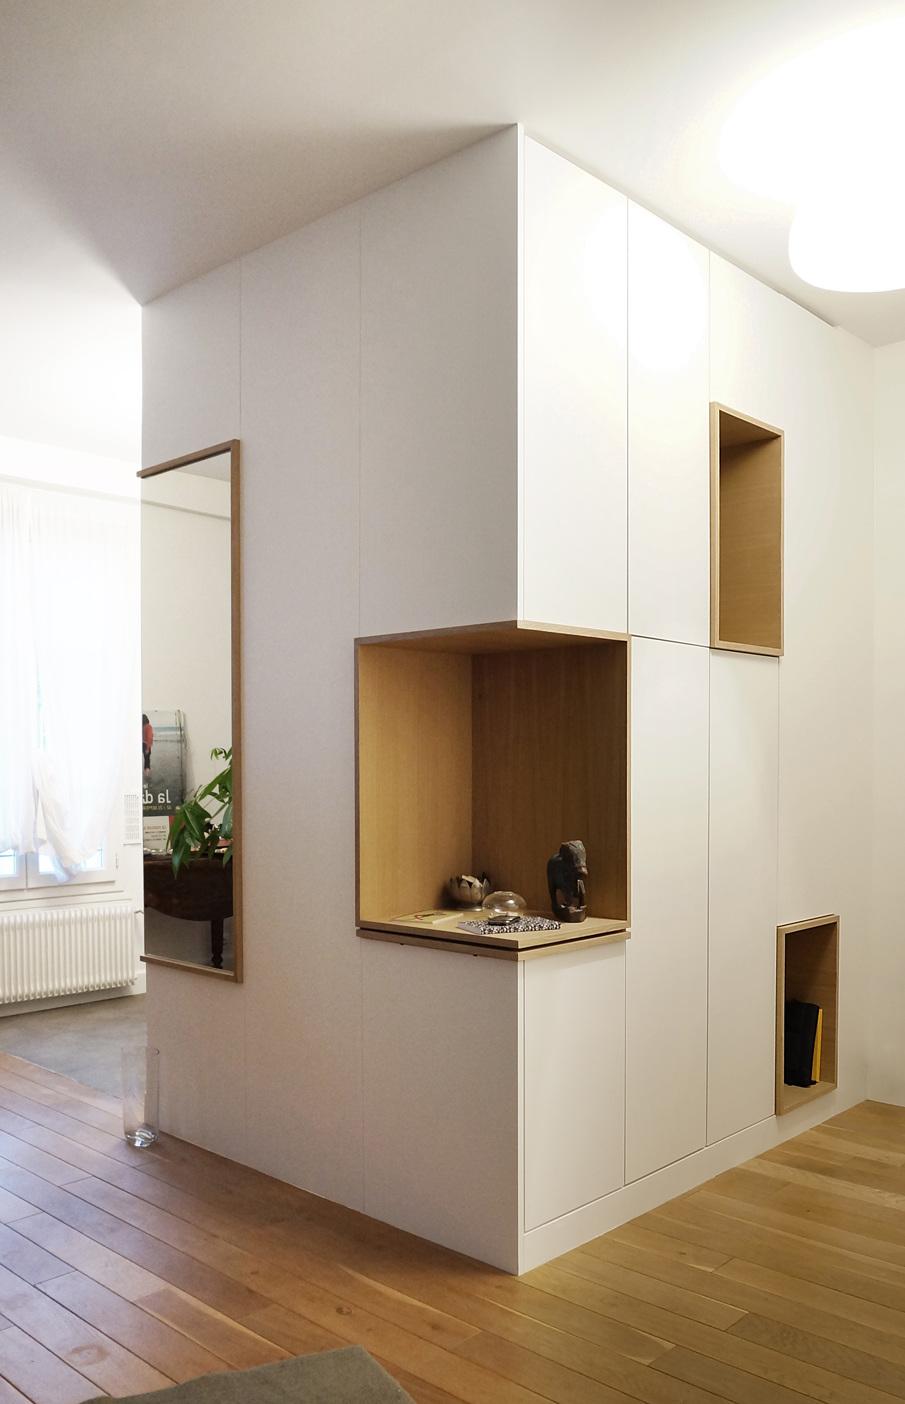 pixels architecte paris 18 me bardin architecte architecture int rieur paris. Black Bedroom Furniture Sets. Home Design Ideas